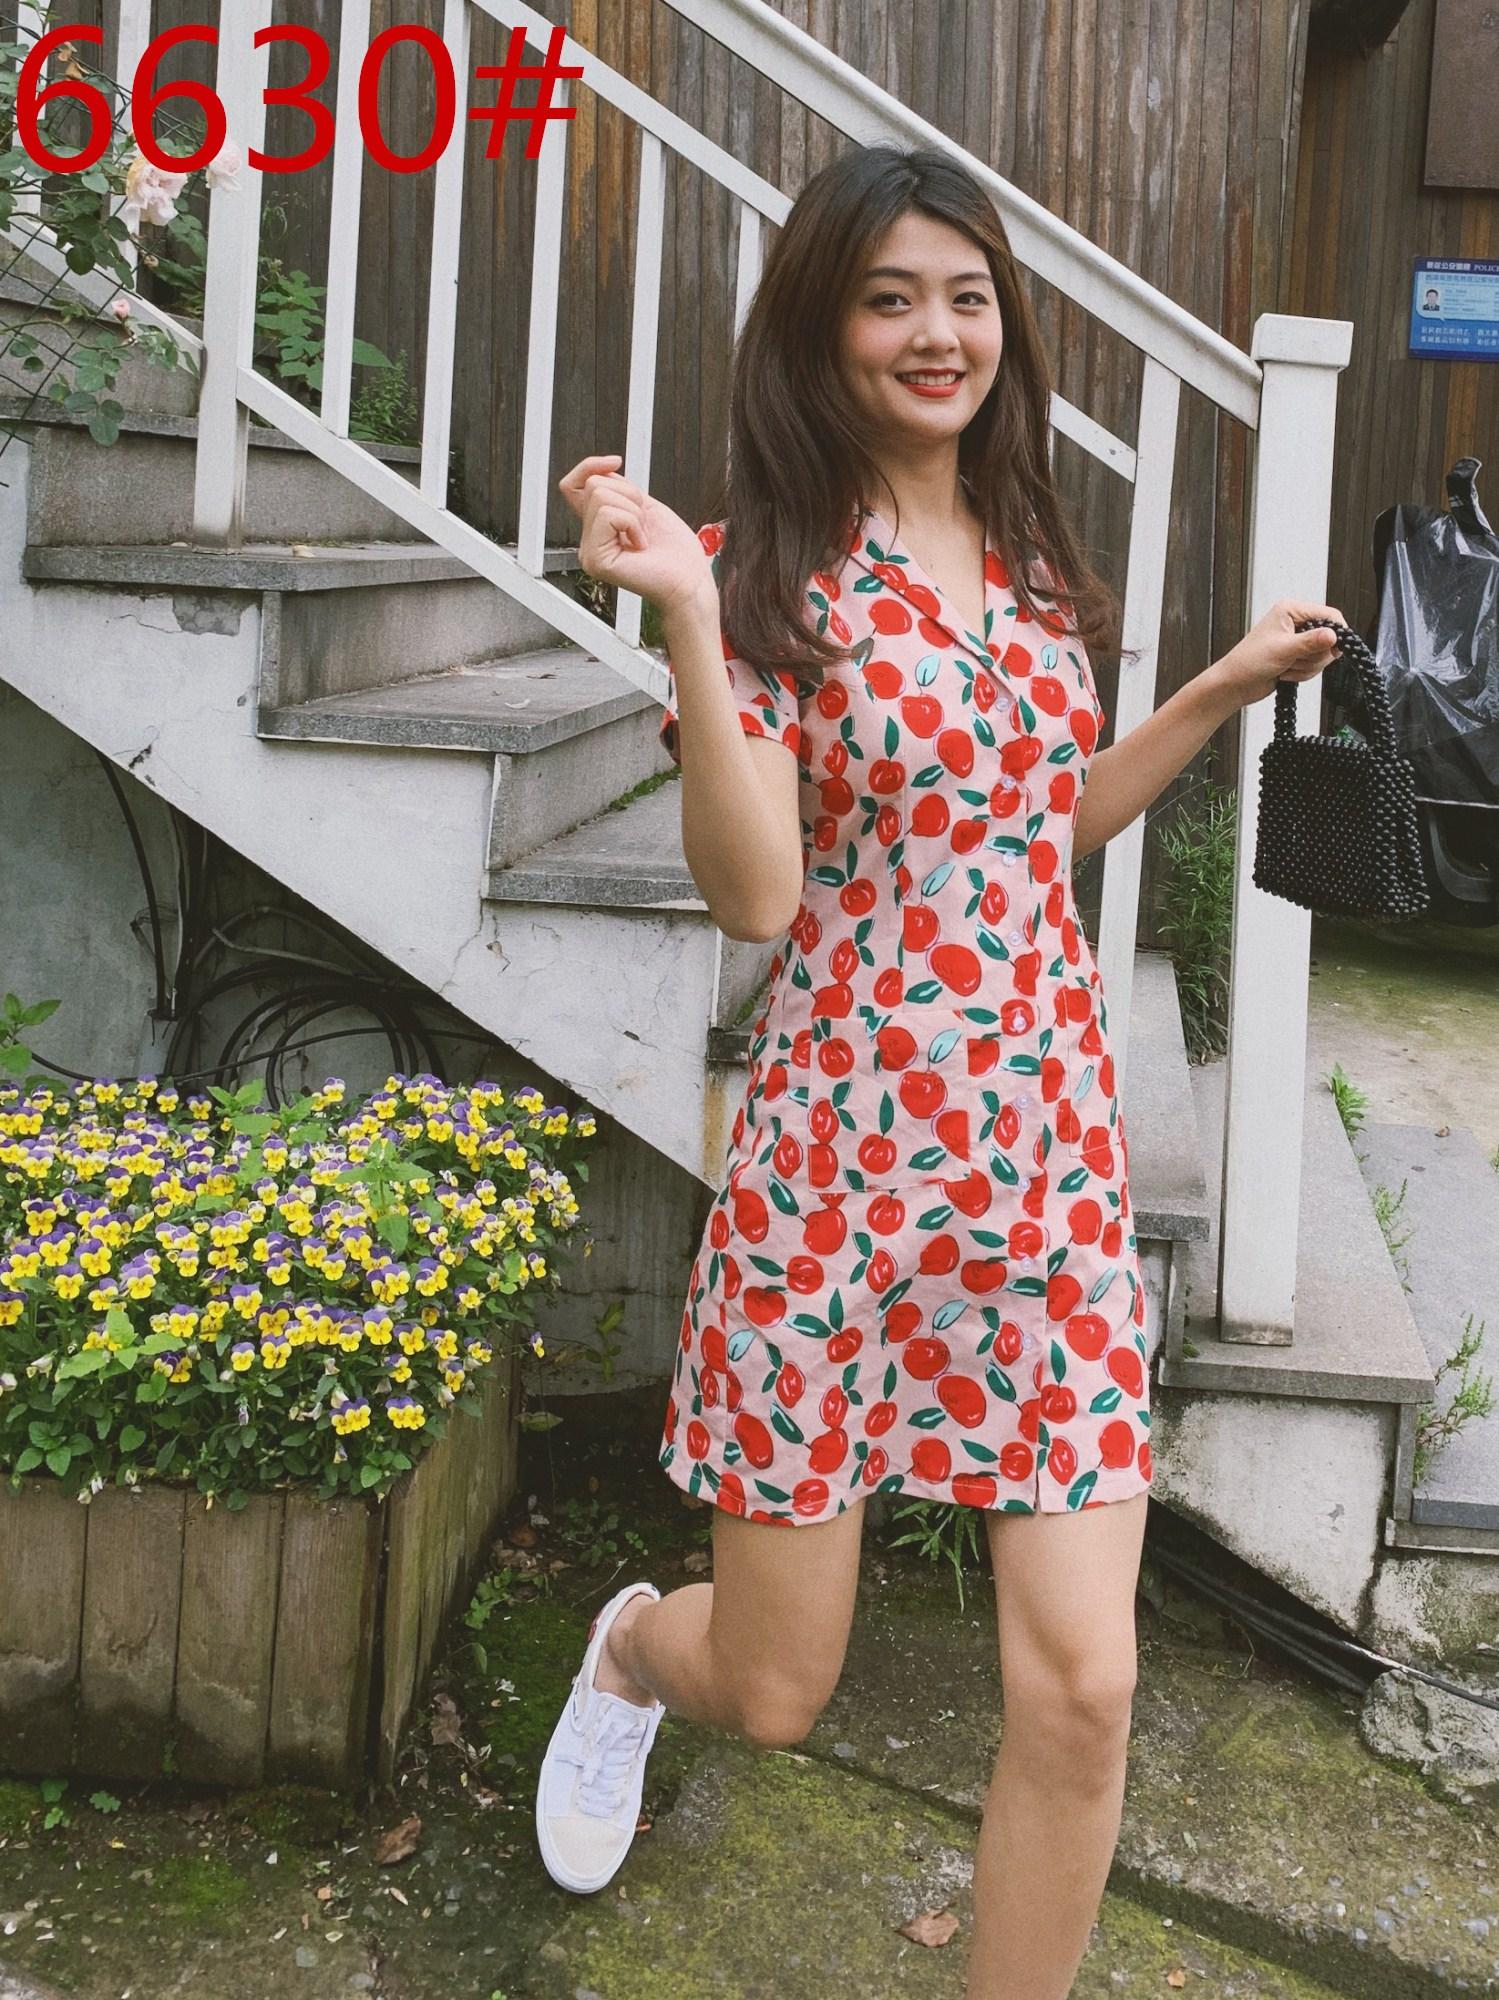 下蛋喵 19夏季法国小众红苹果图案胭粉显瘦西装领复古少女连衣裙